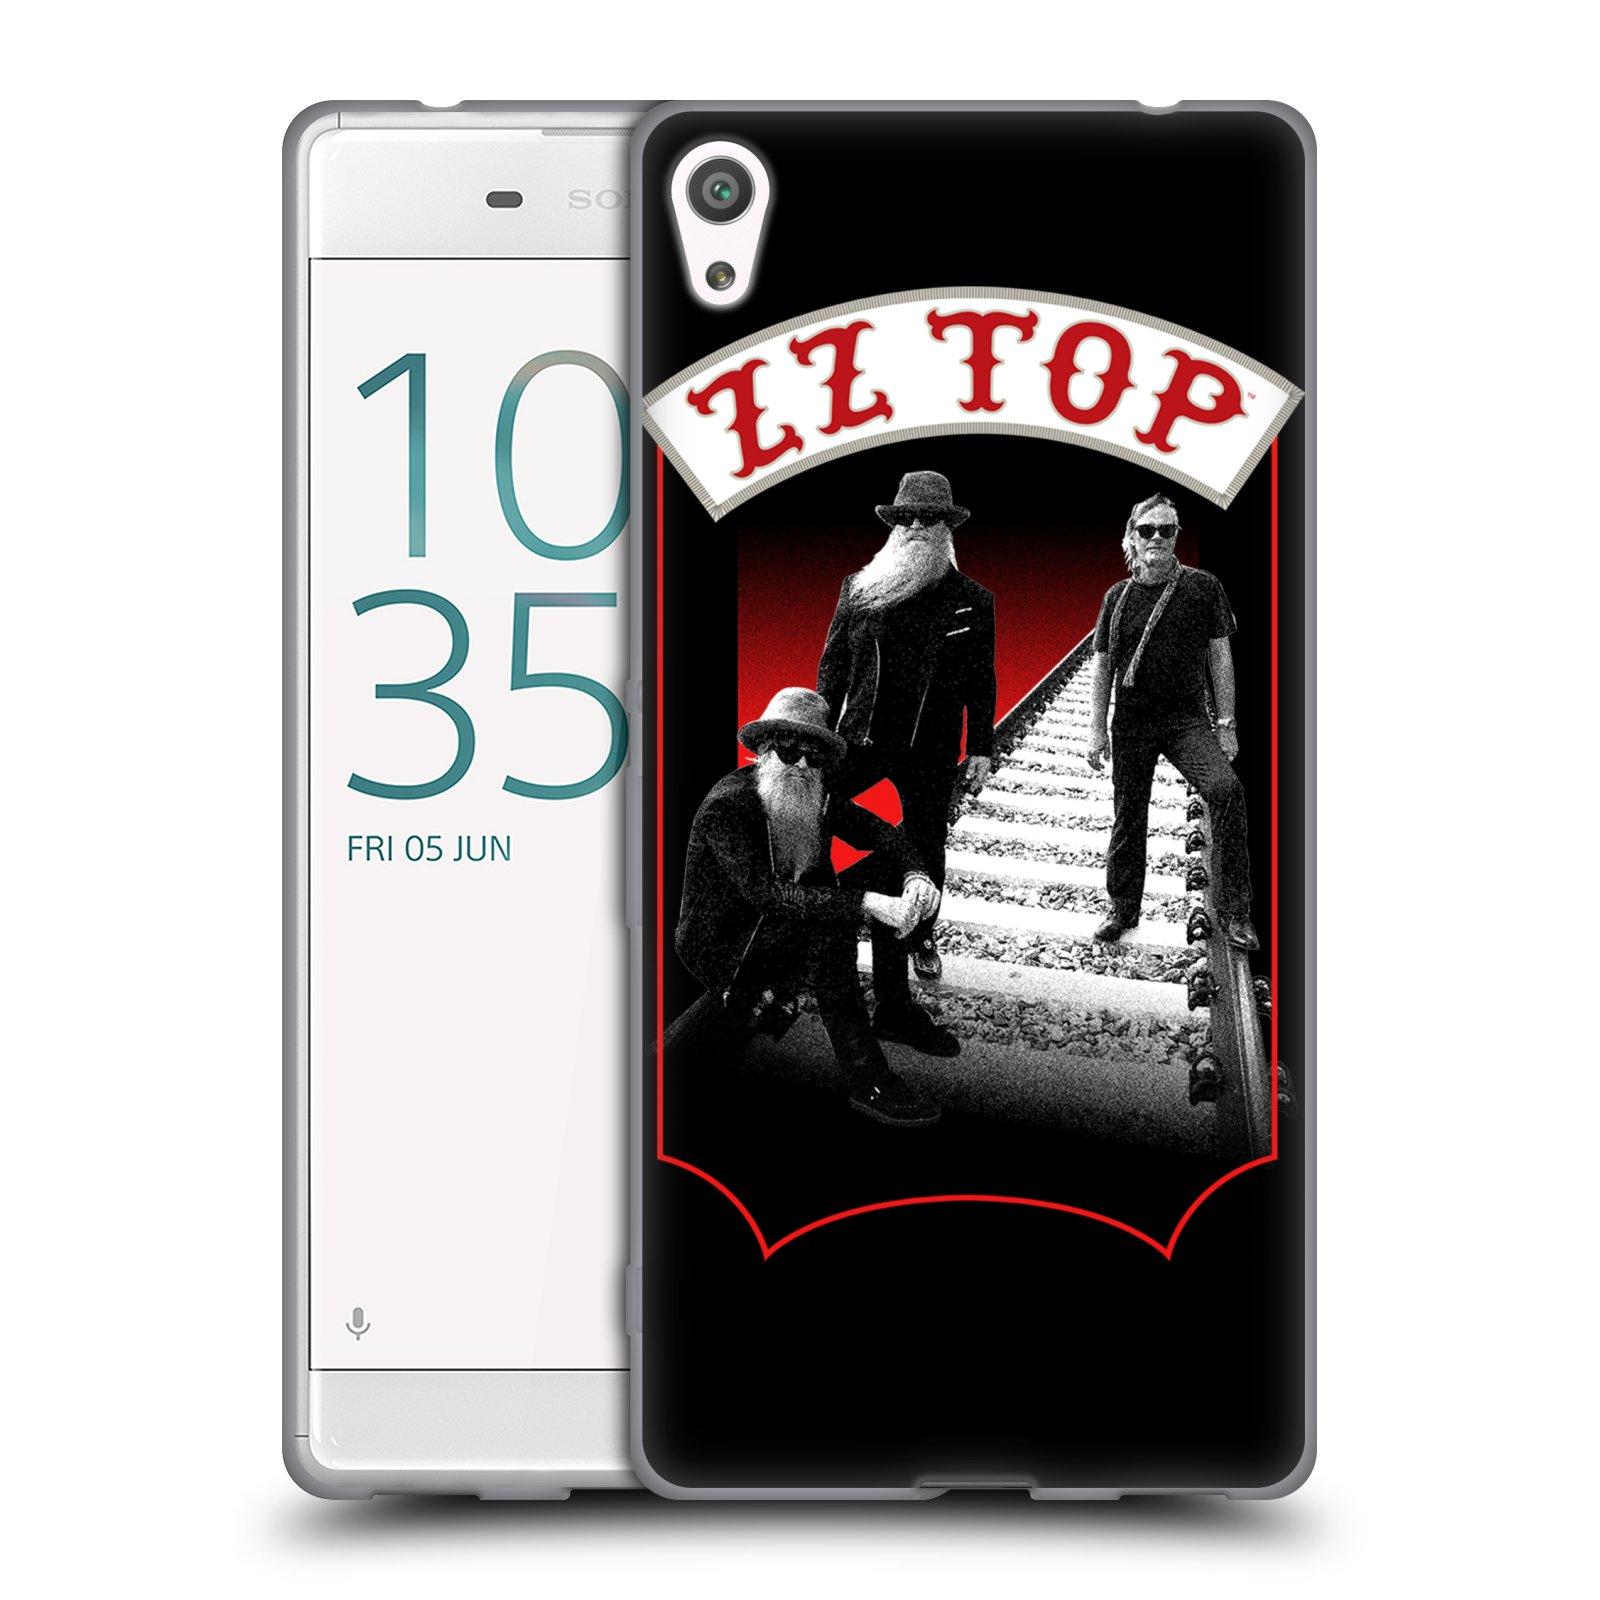 HEAD CASE silikonový obal na mobil Sony Xperia XA ULTRA ZZ Top koleje zpěváci